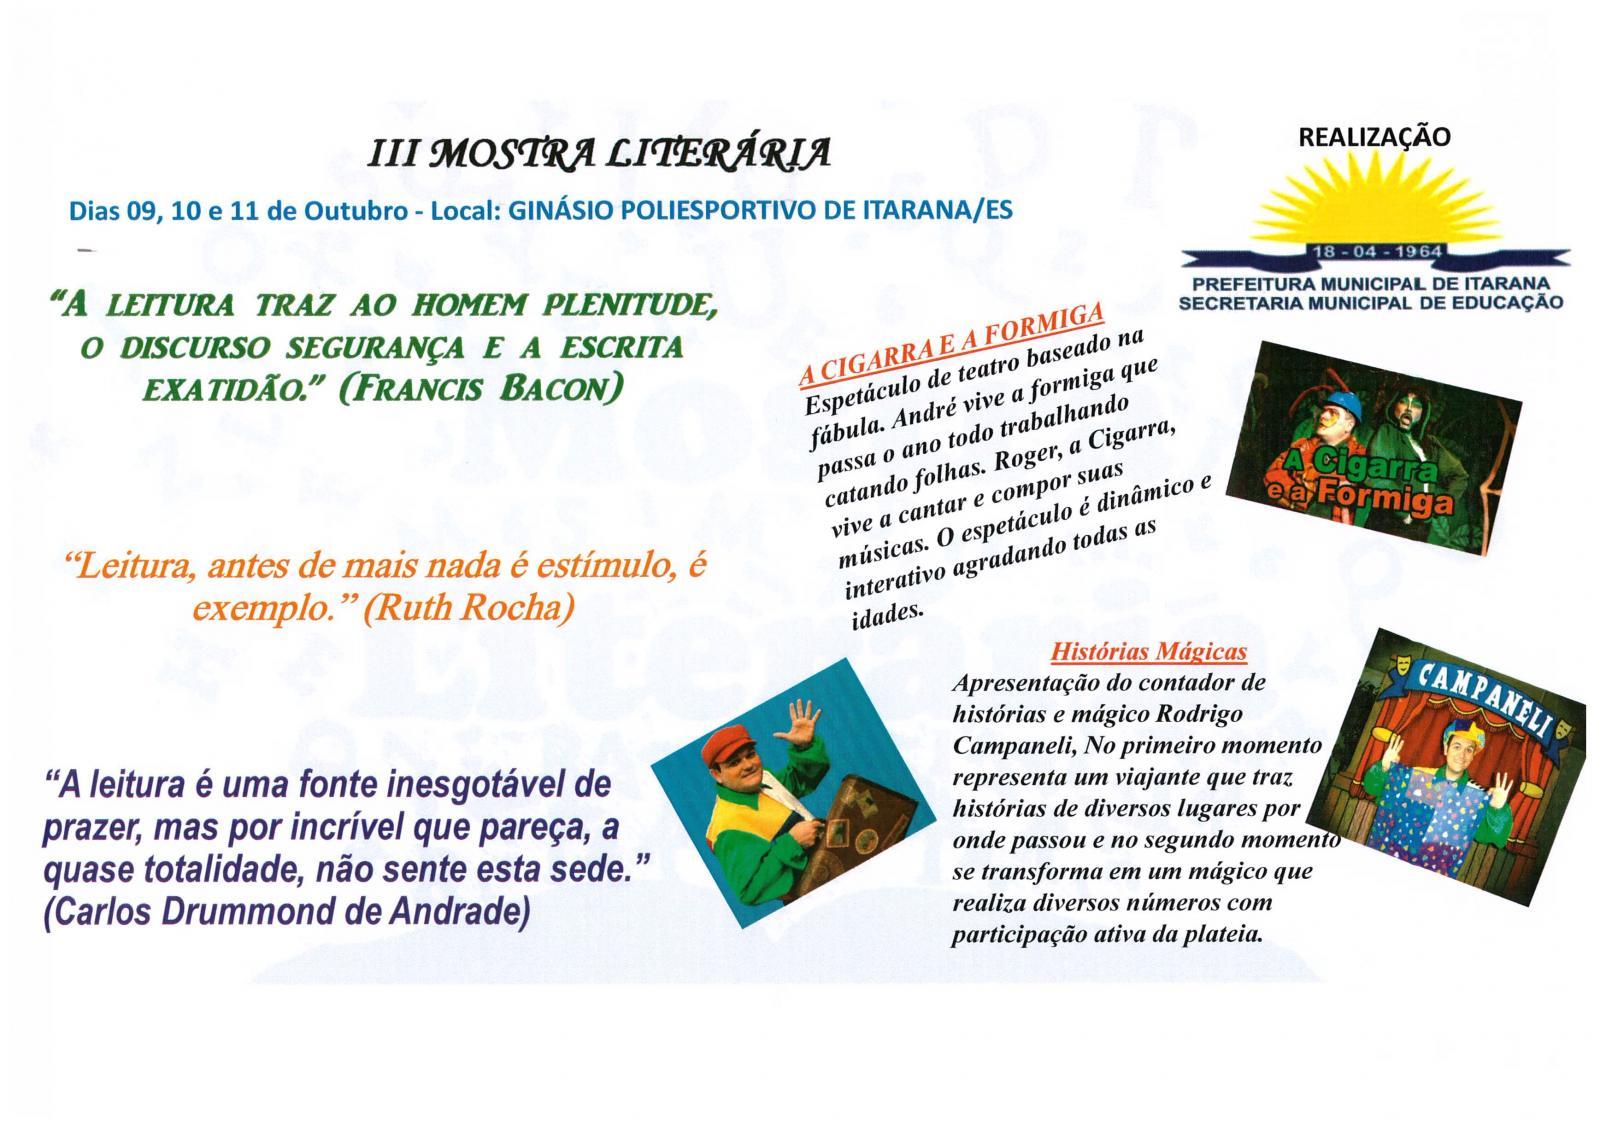 III Mostra Literária começa na segunda-feira (09)